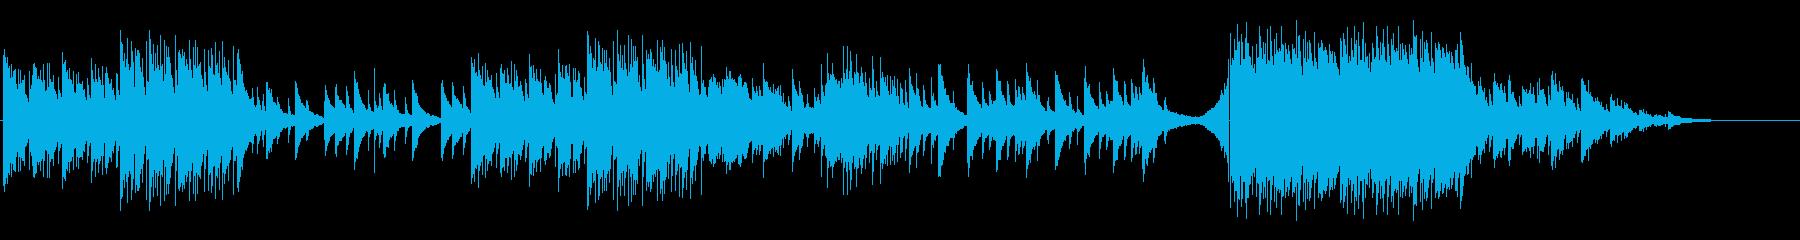 幻想的で儚いイメージのピアノソロの再生済みの波形